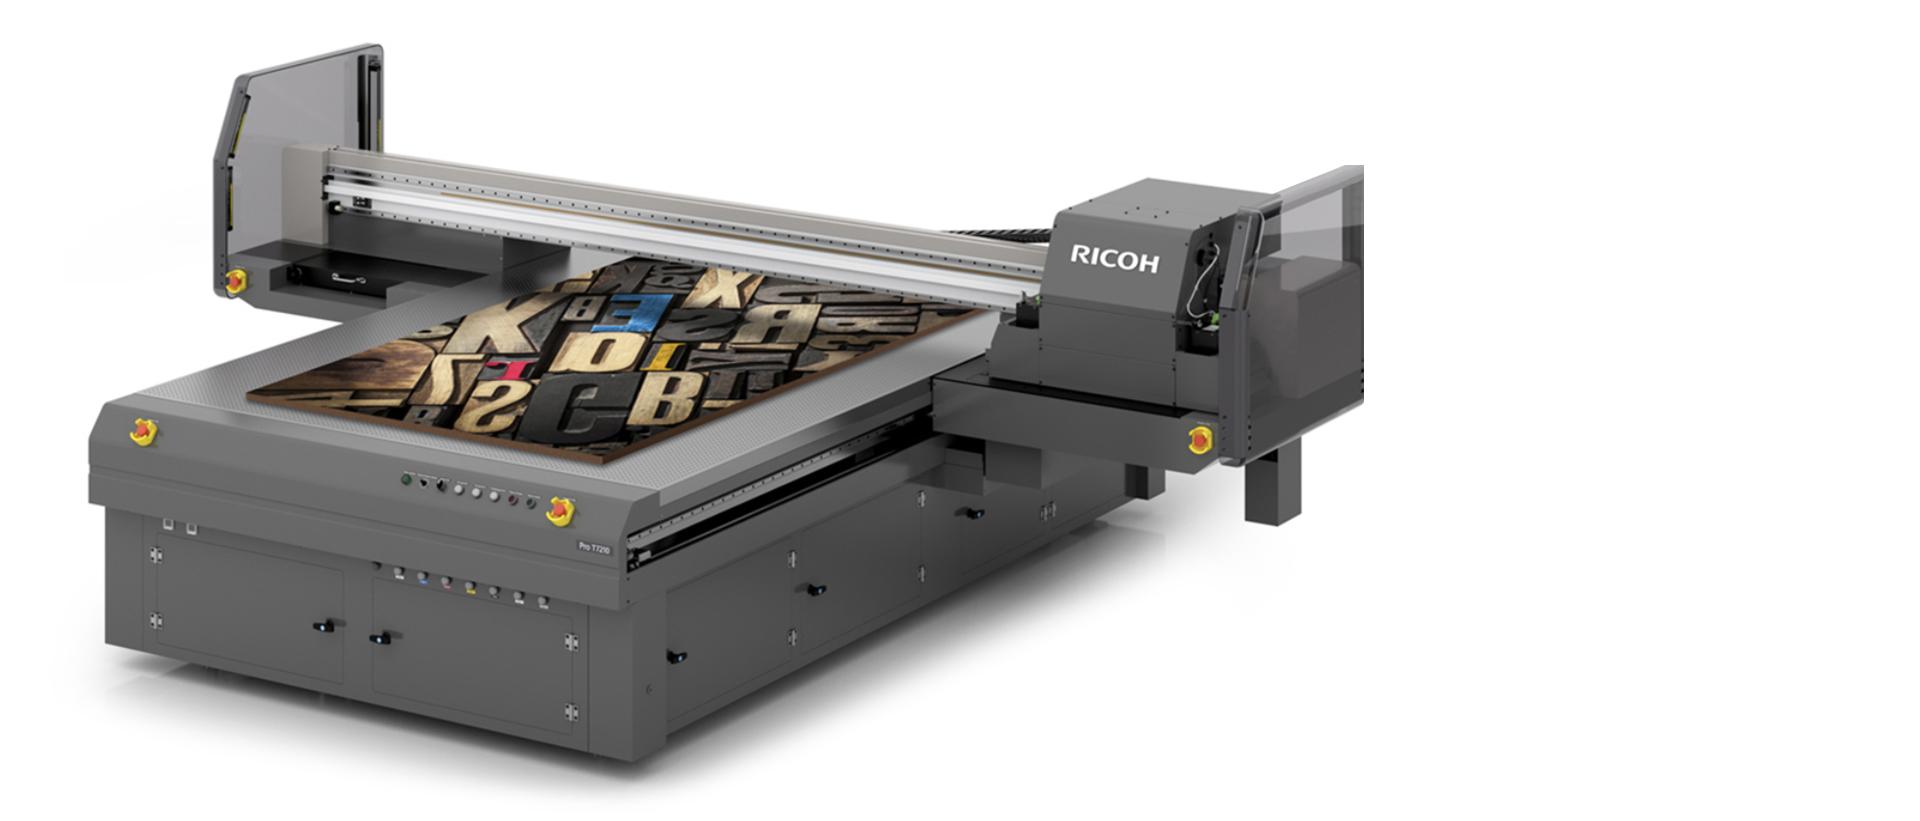 Ricoh Pro 7210